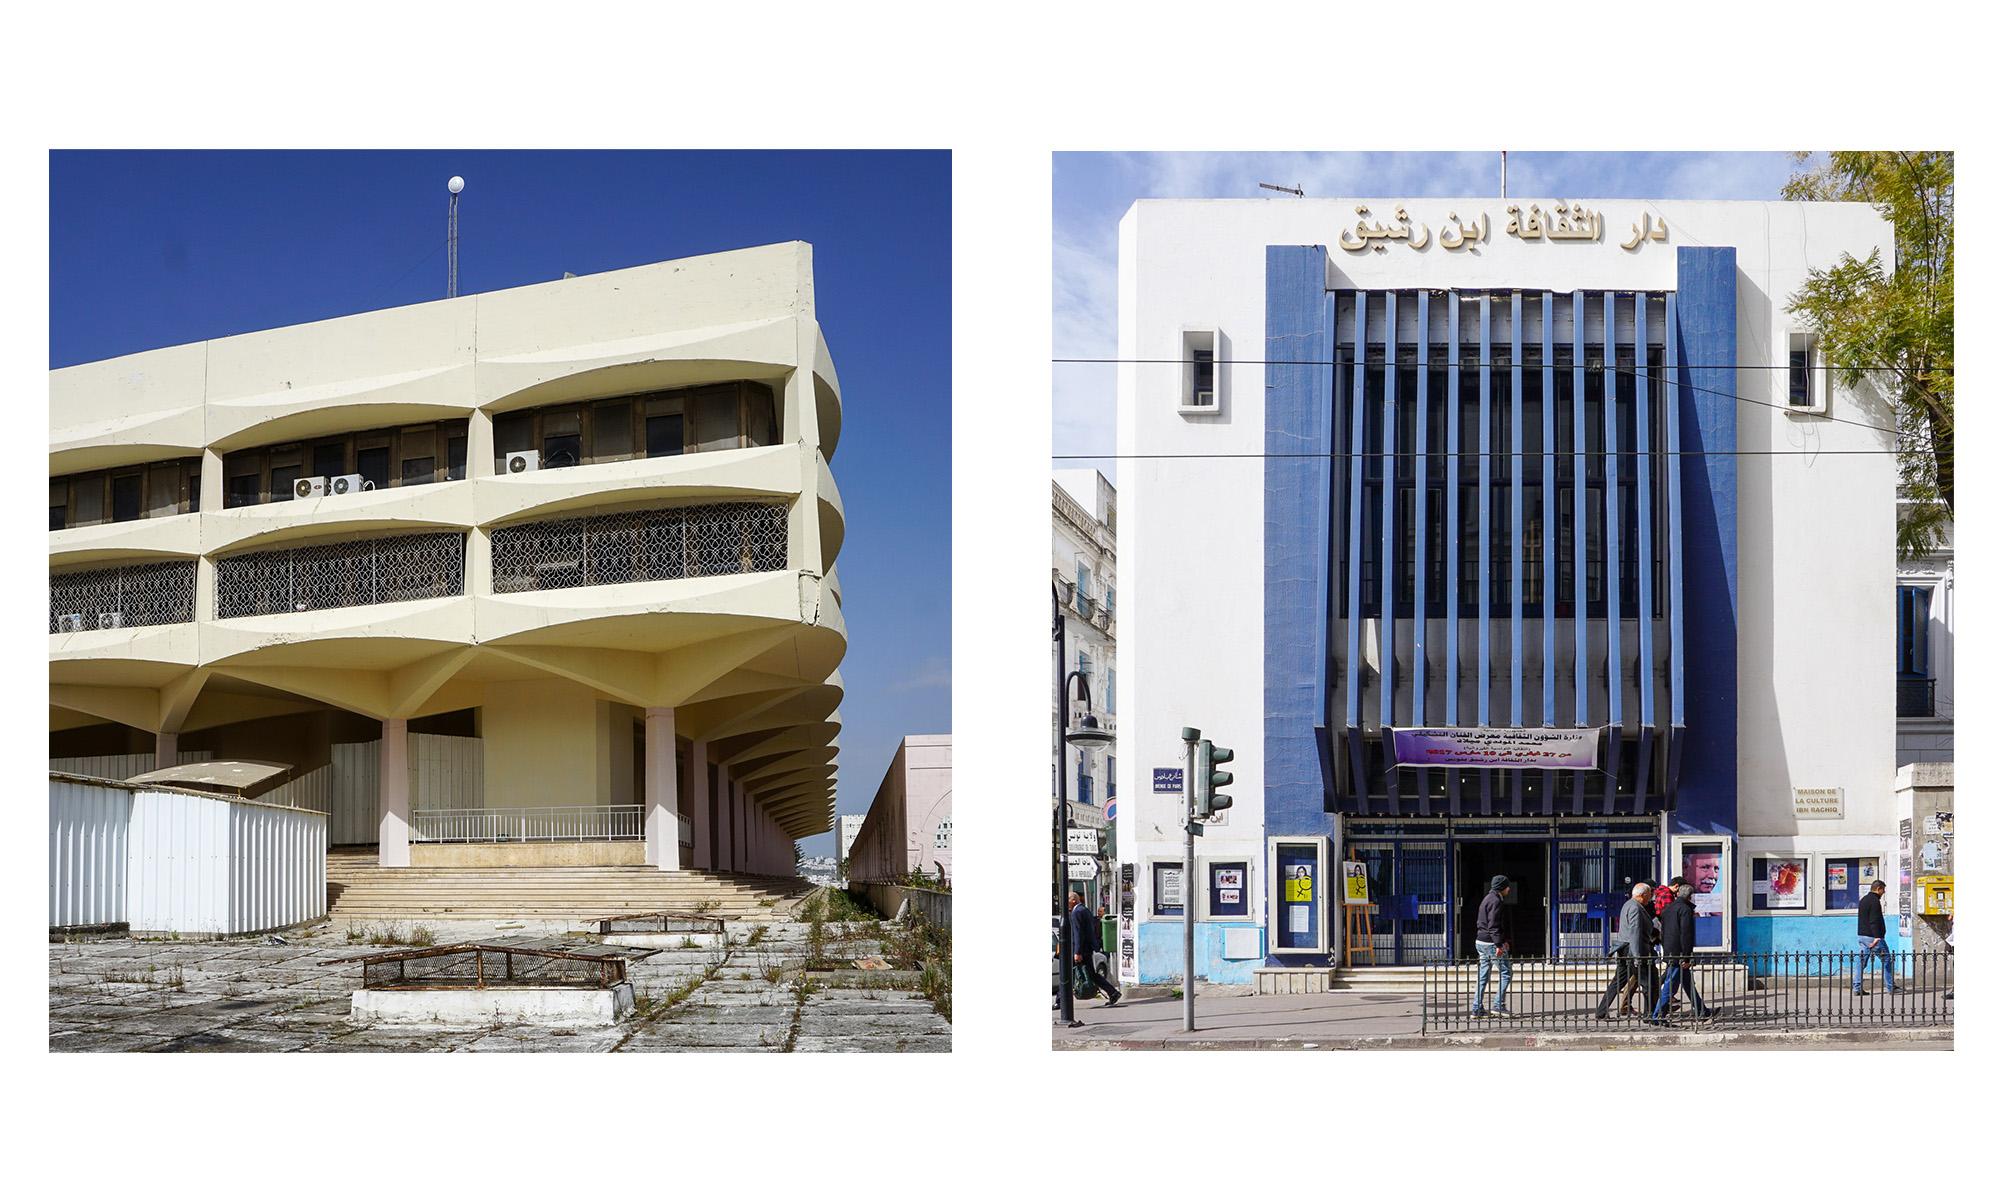 Zwei Gebäude in Tunis, die ungewöhnlich geformt sind und modern wirken